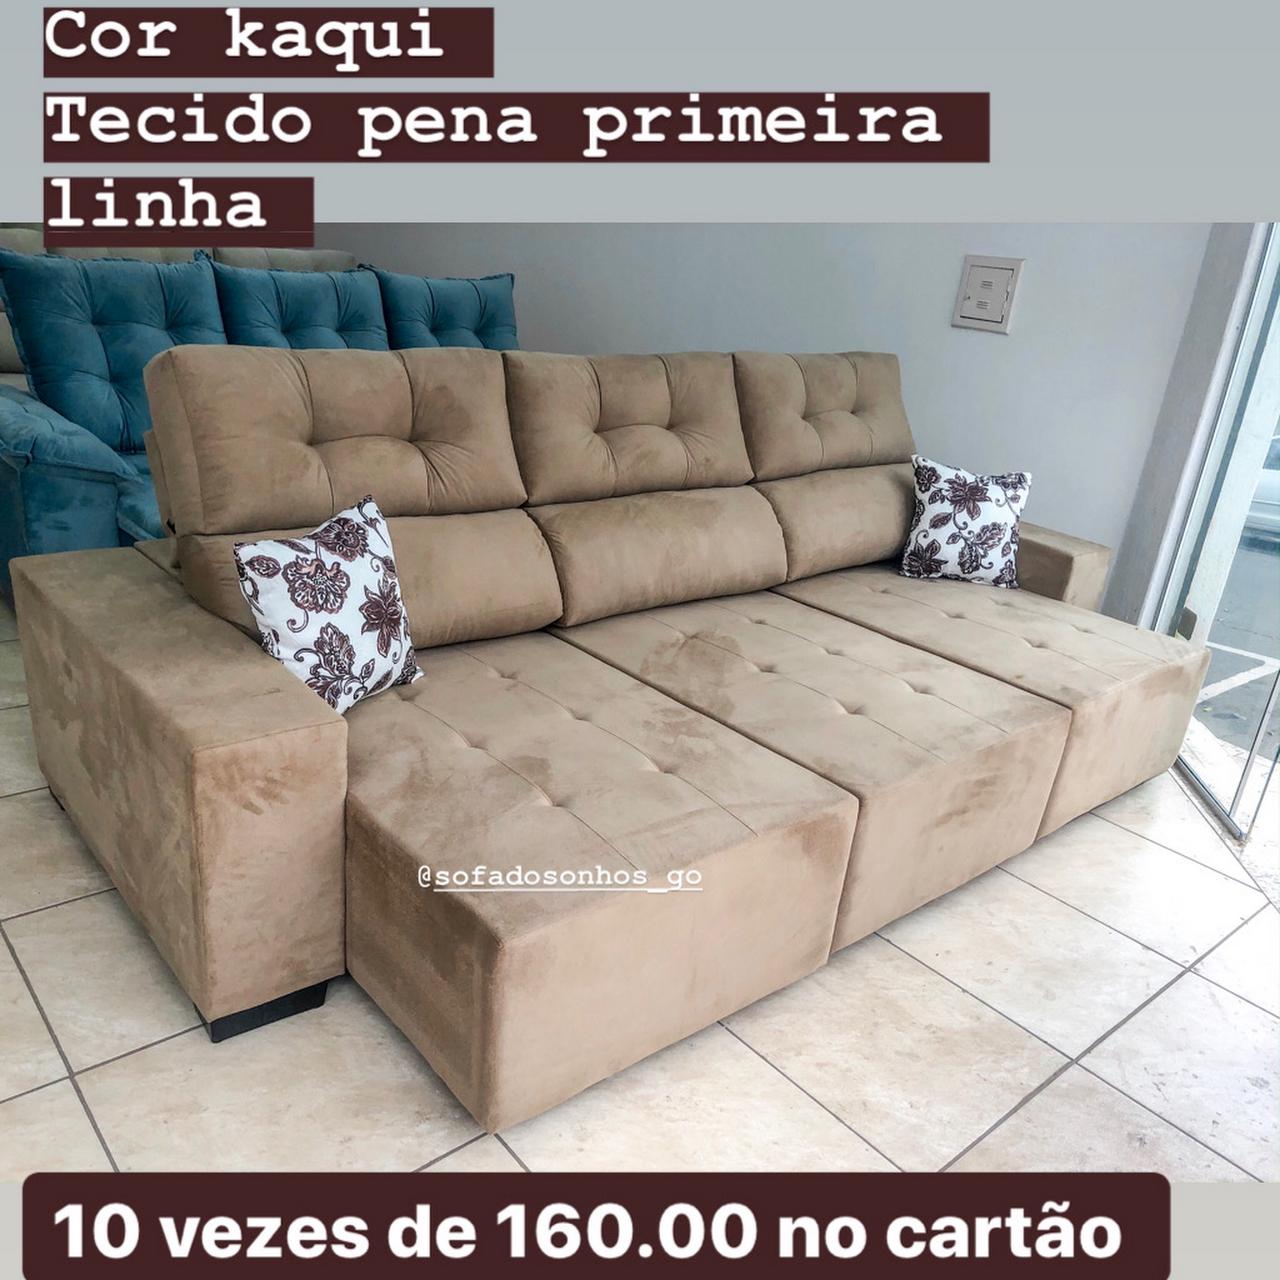 Fábrica de Sofá Retrátil e Reclinável - Loja de sofá no ...